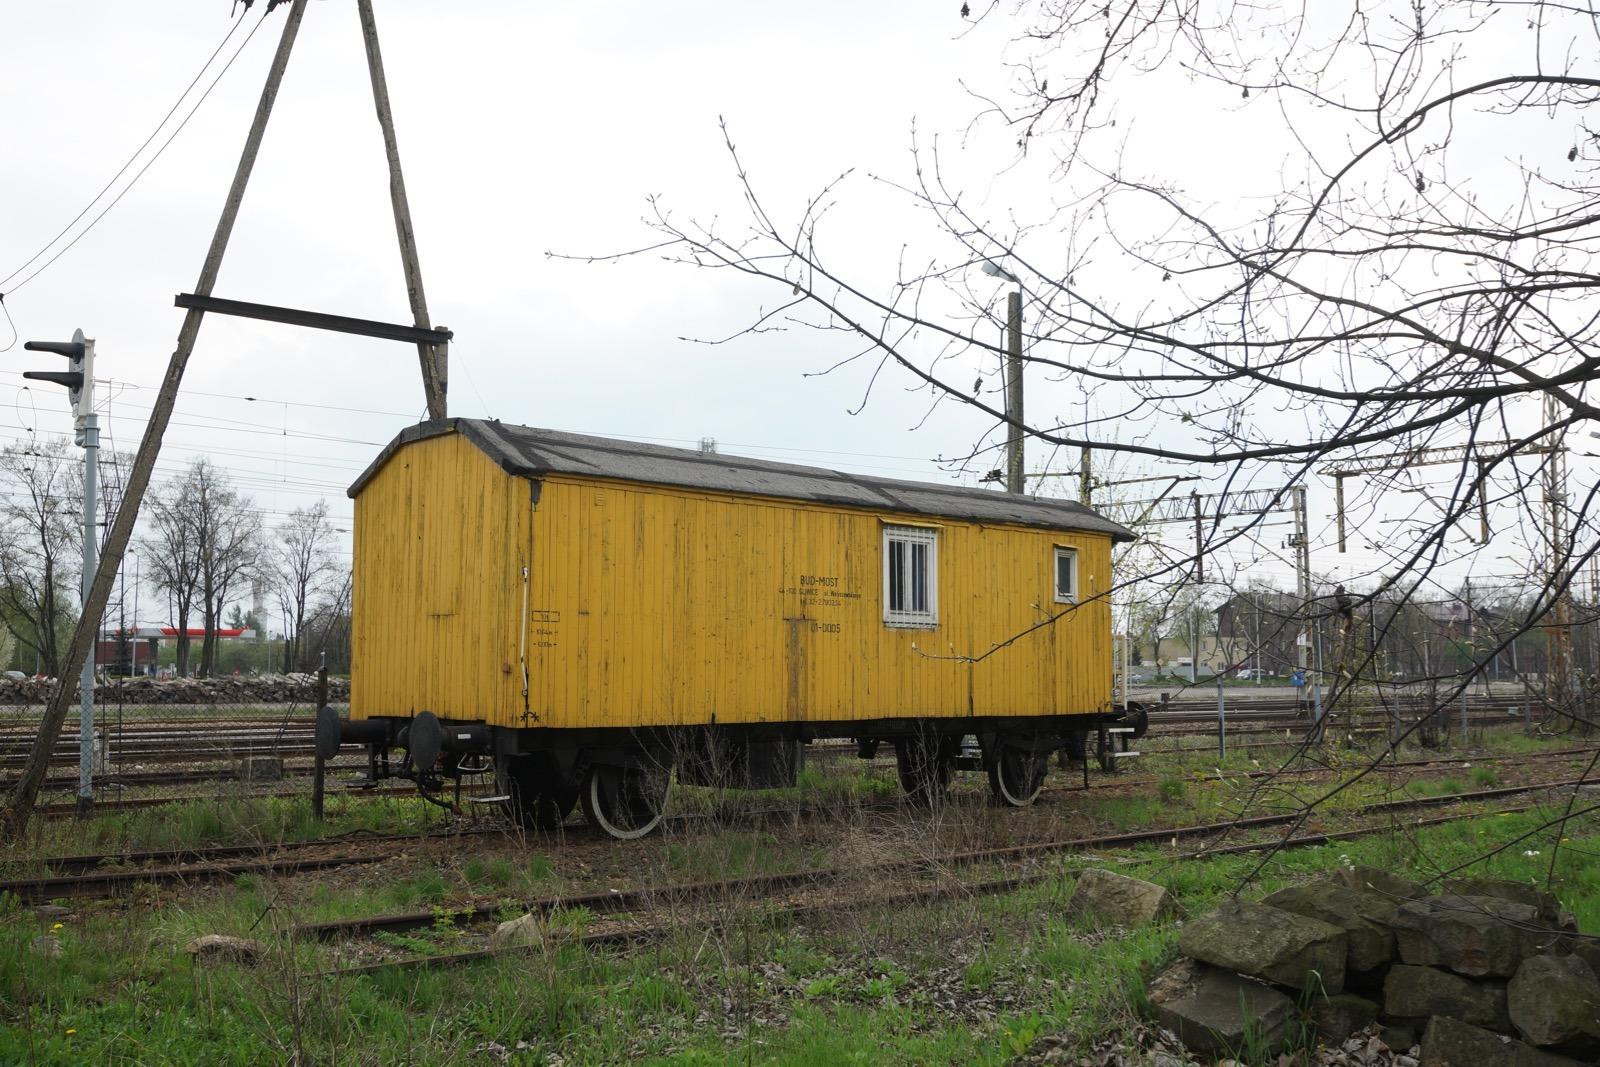 波蘭奧斯威辛火車站隨影